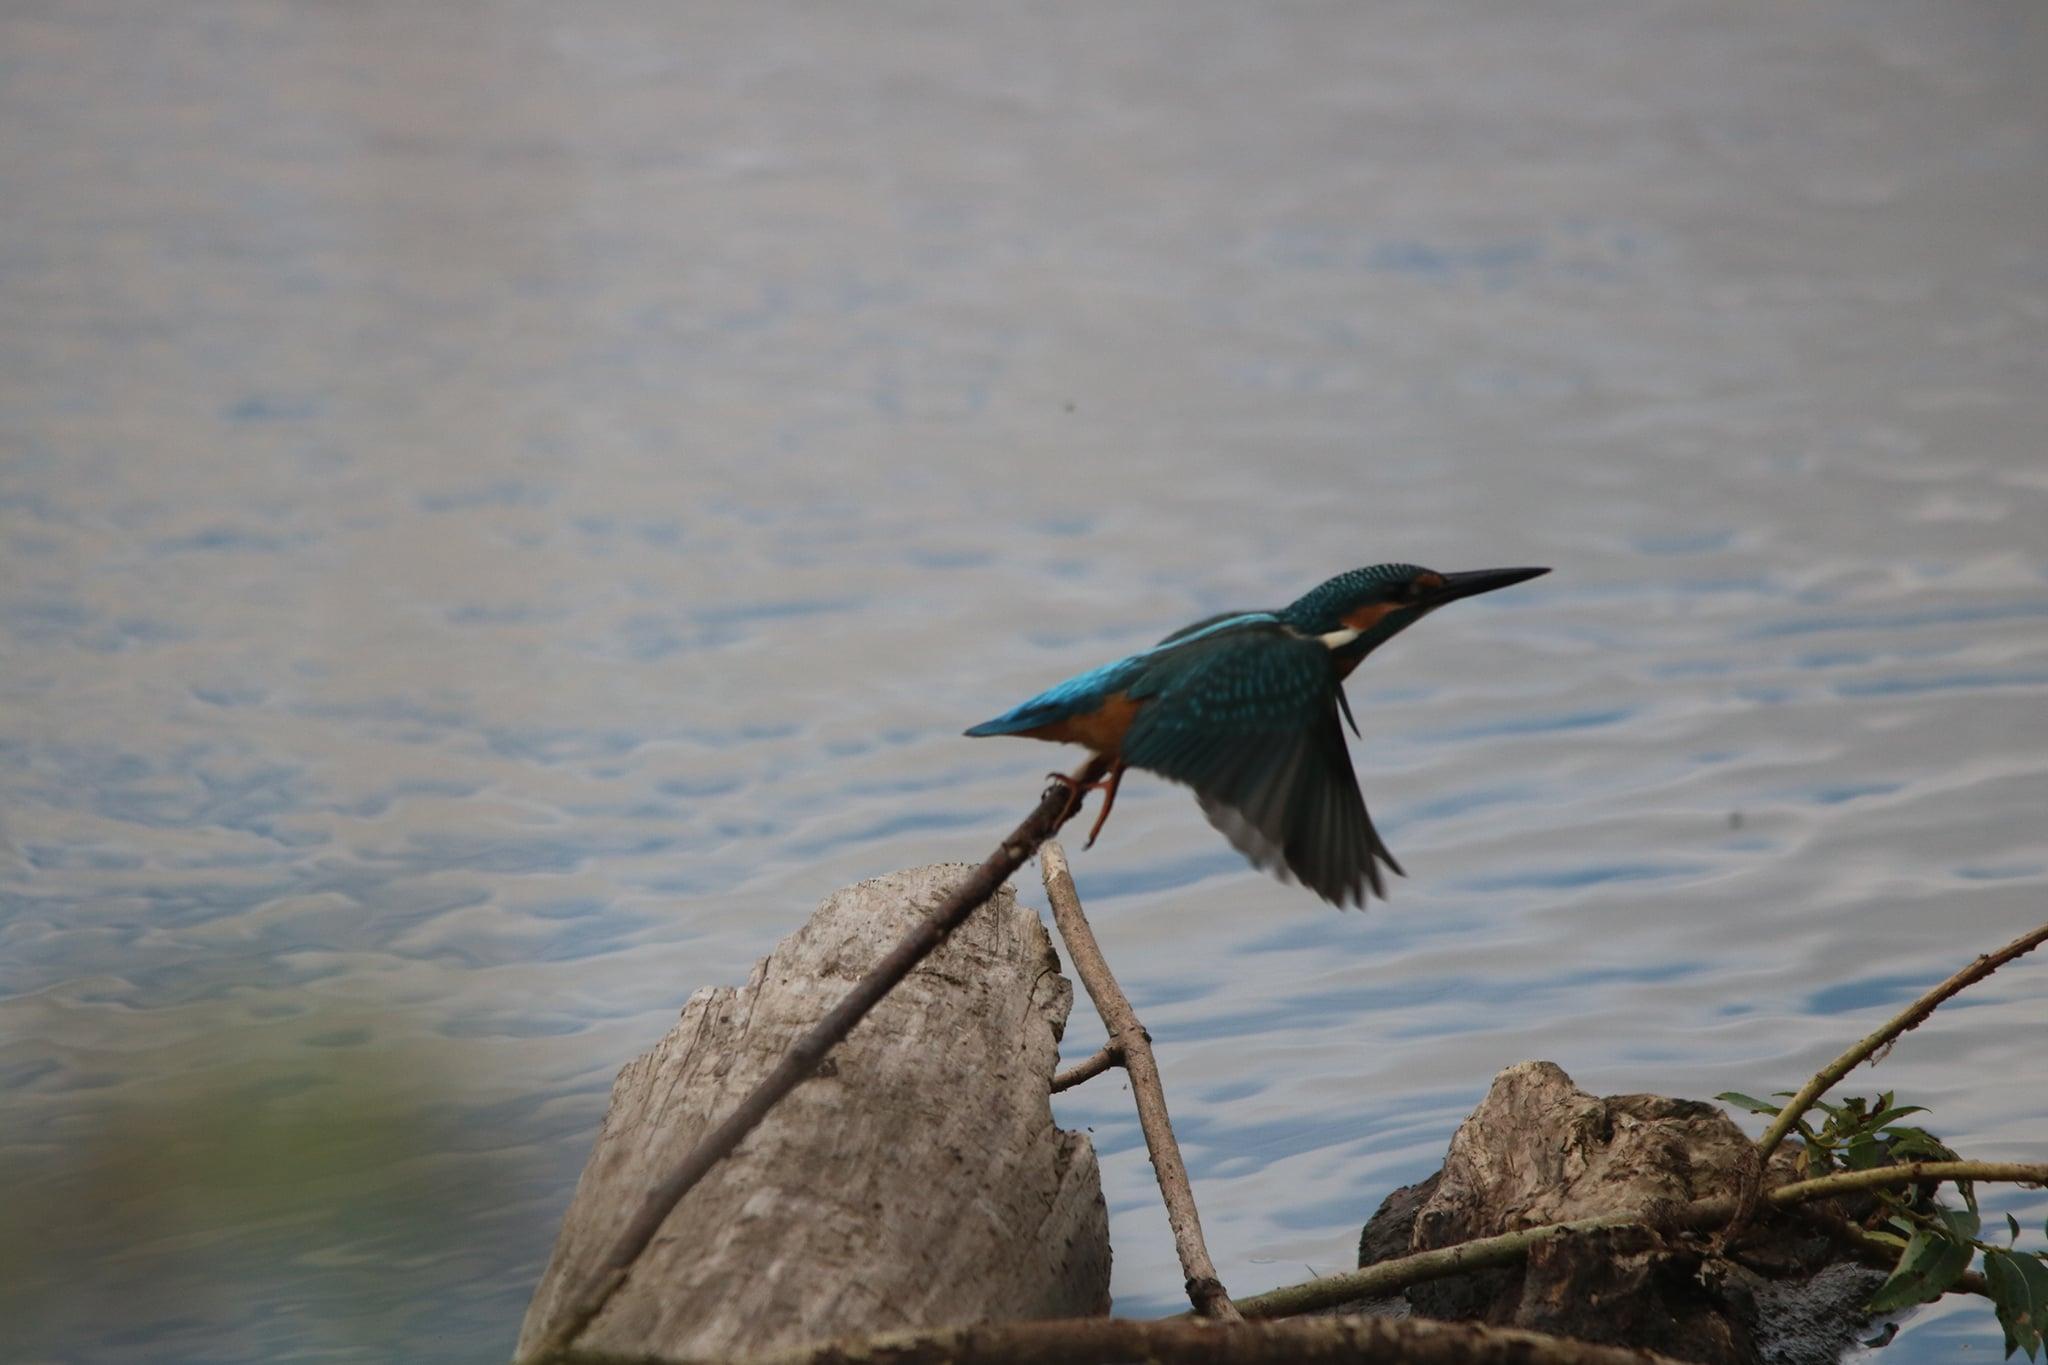 Многие верят, что встретить такую птицу — к удаче